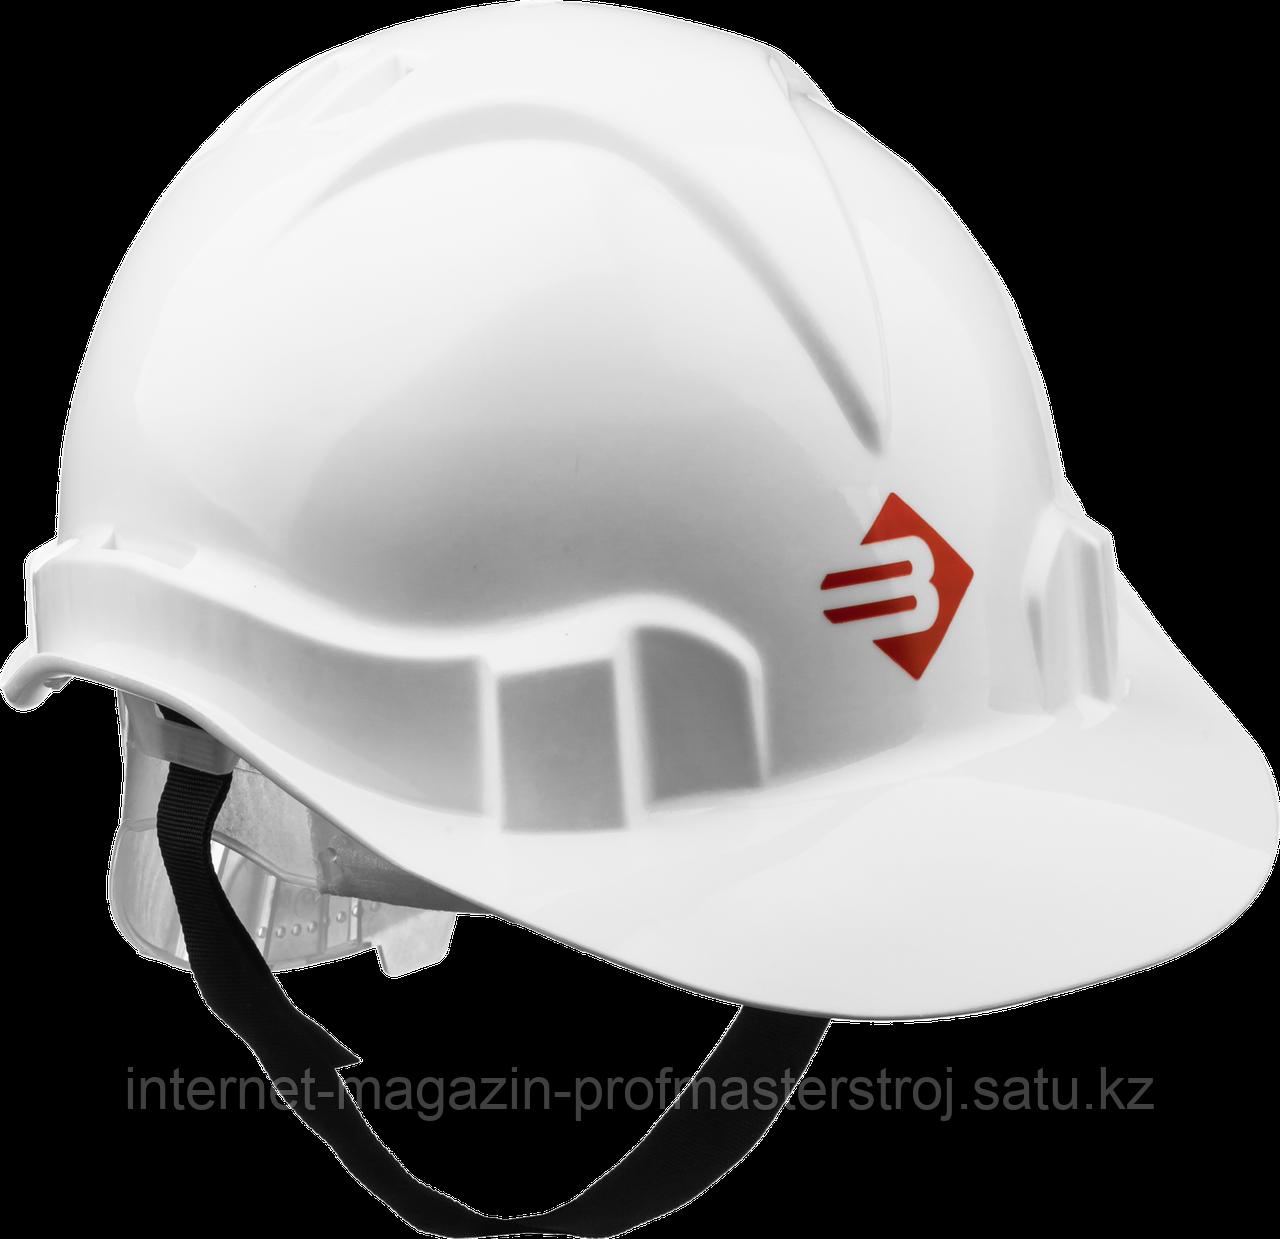 Каска защитная, 52-62 см, белая, серия «МАСТЕР», ЗУБР